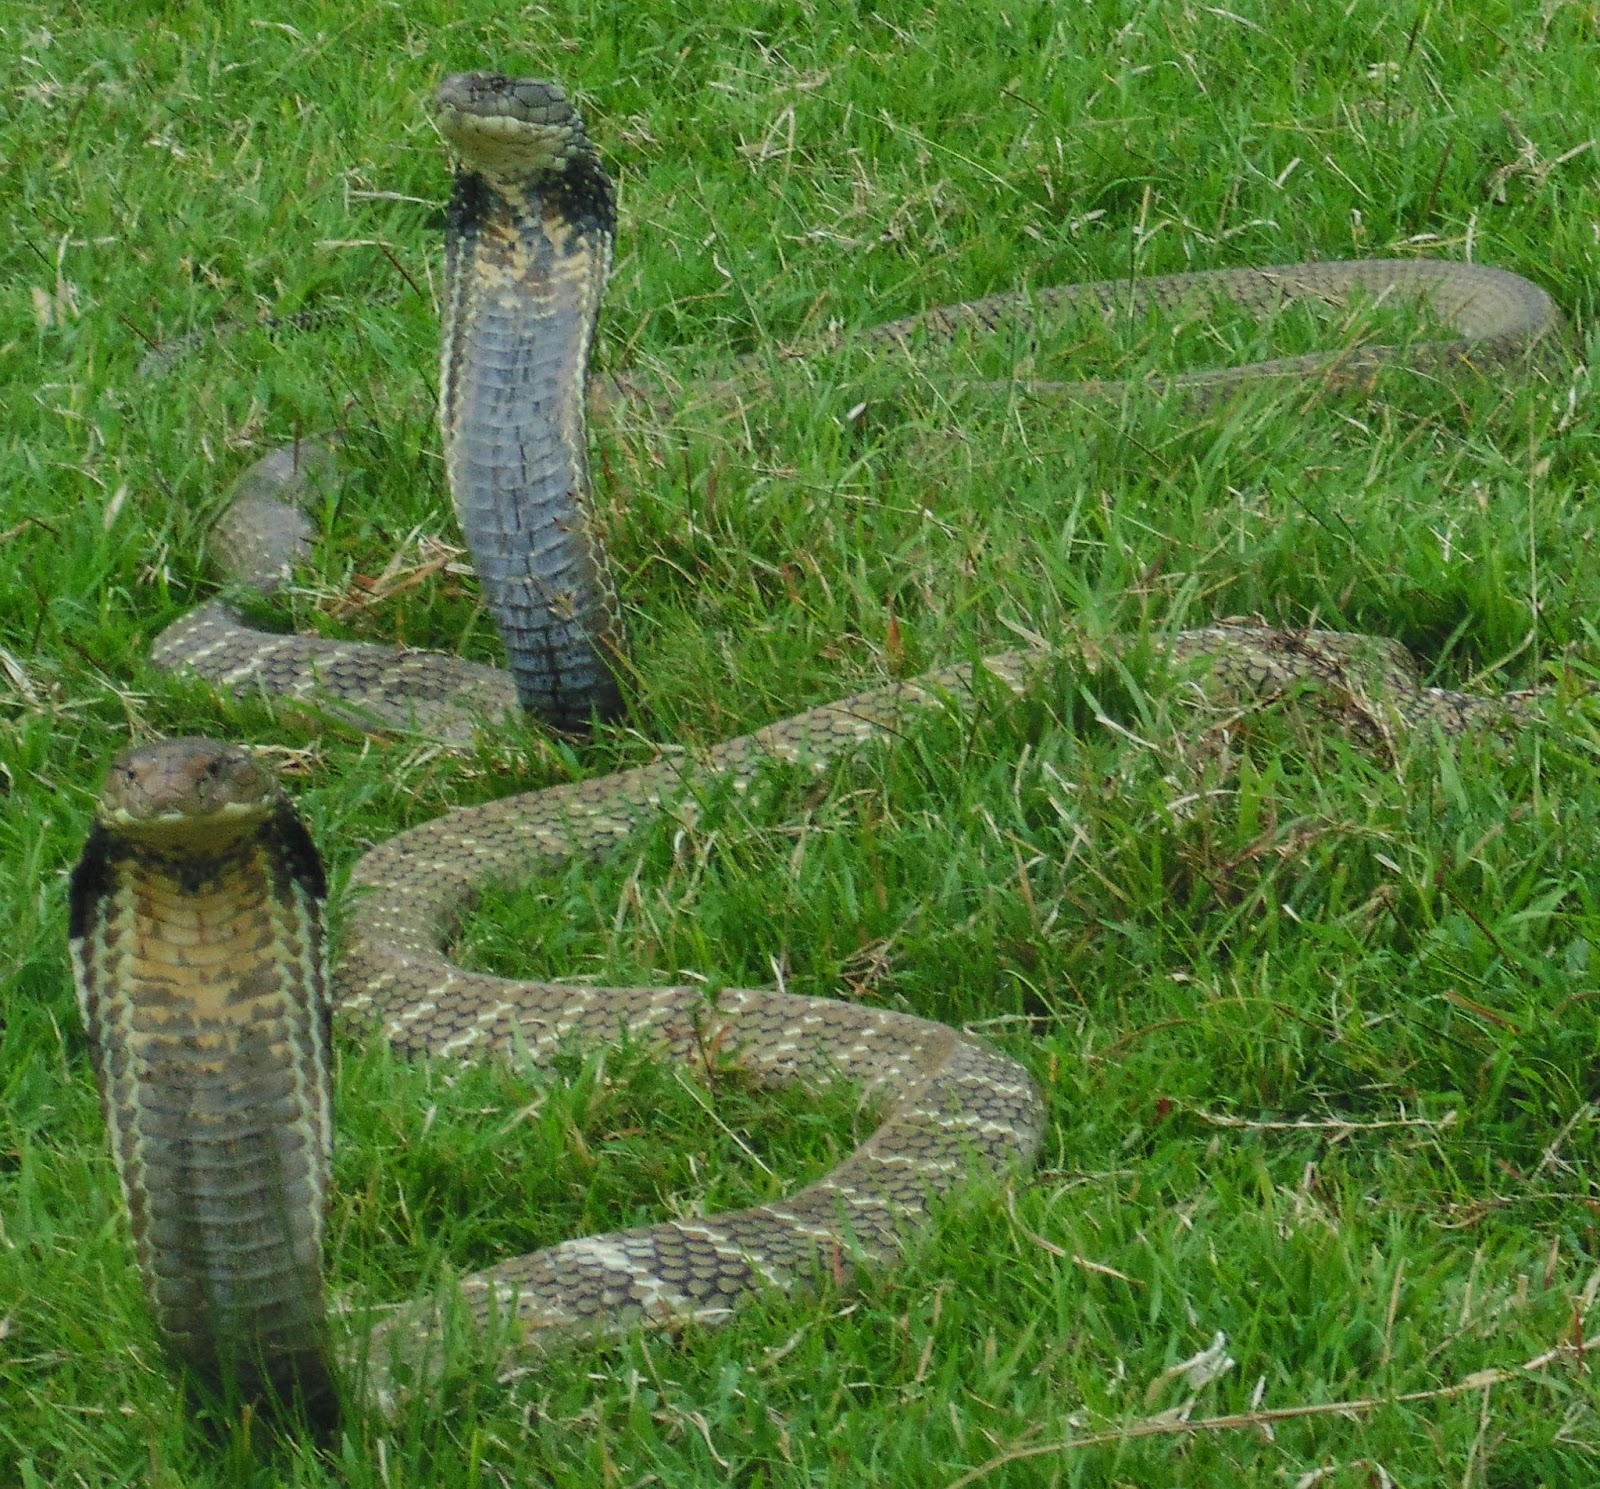 foto ular cobra - gambar hewan - foto ular cobra